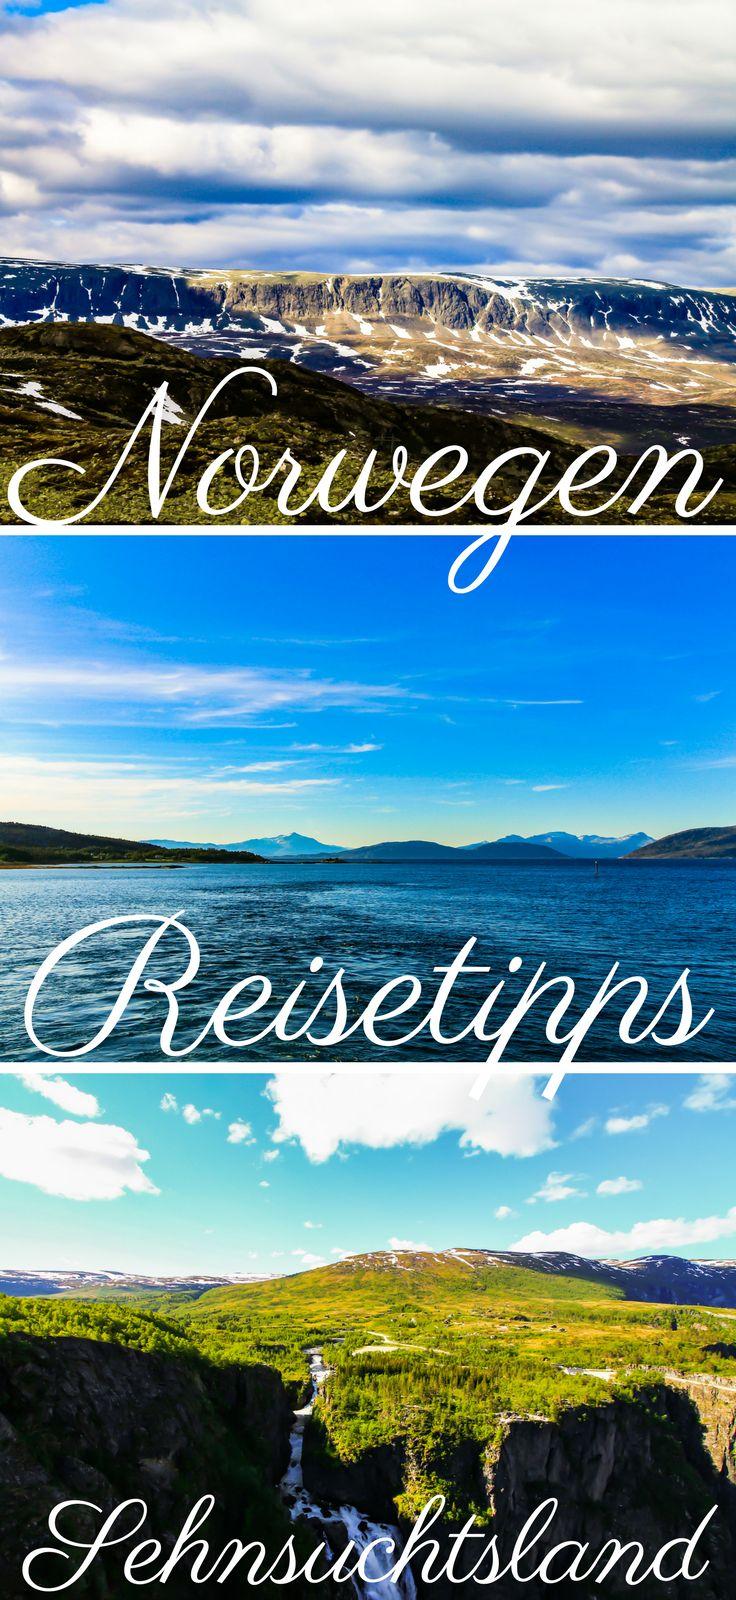 In Norwegen reisen, diesem Sehnsuchtsland das einen in seinen Bann zieht und nie wieder loslässt. Norwegen Reisetipps für eine unvergessliche Zeit in Norwegens beeindruckender Landschaft.